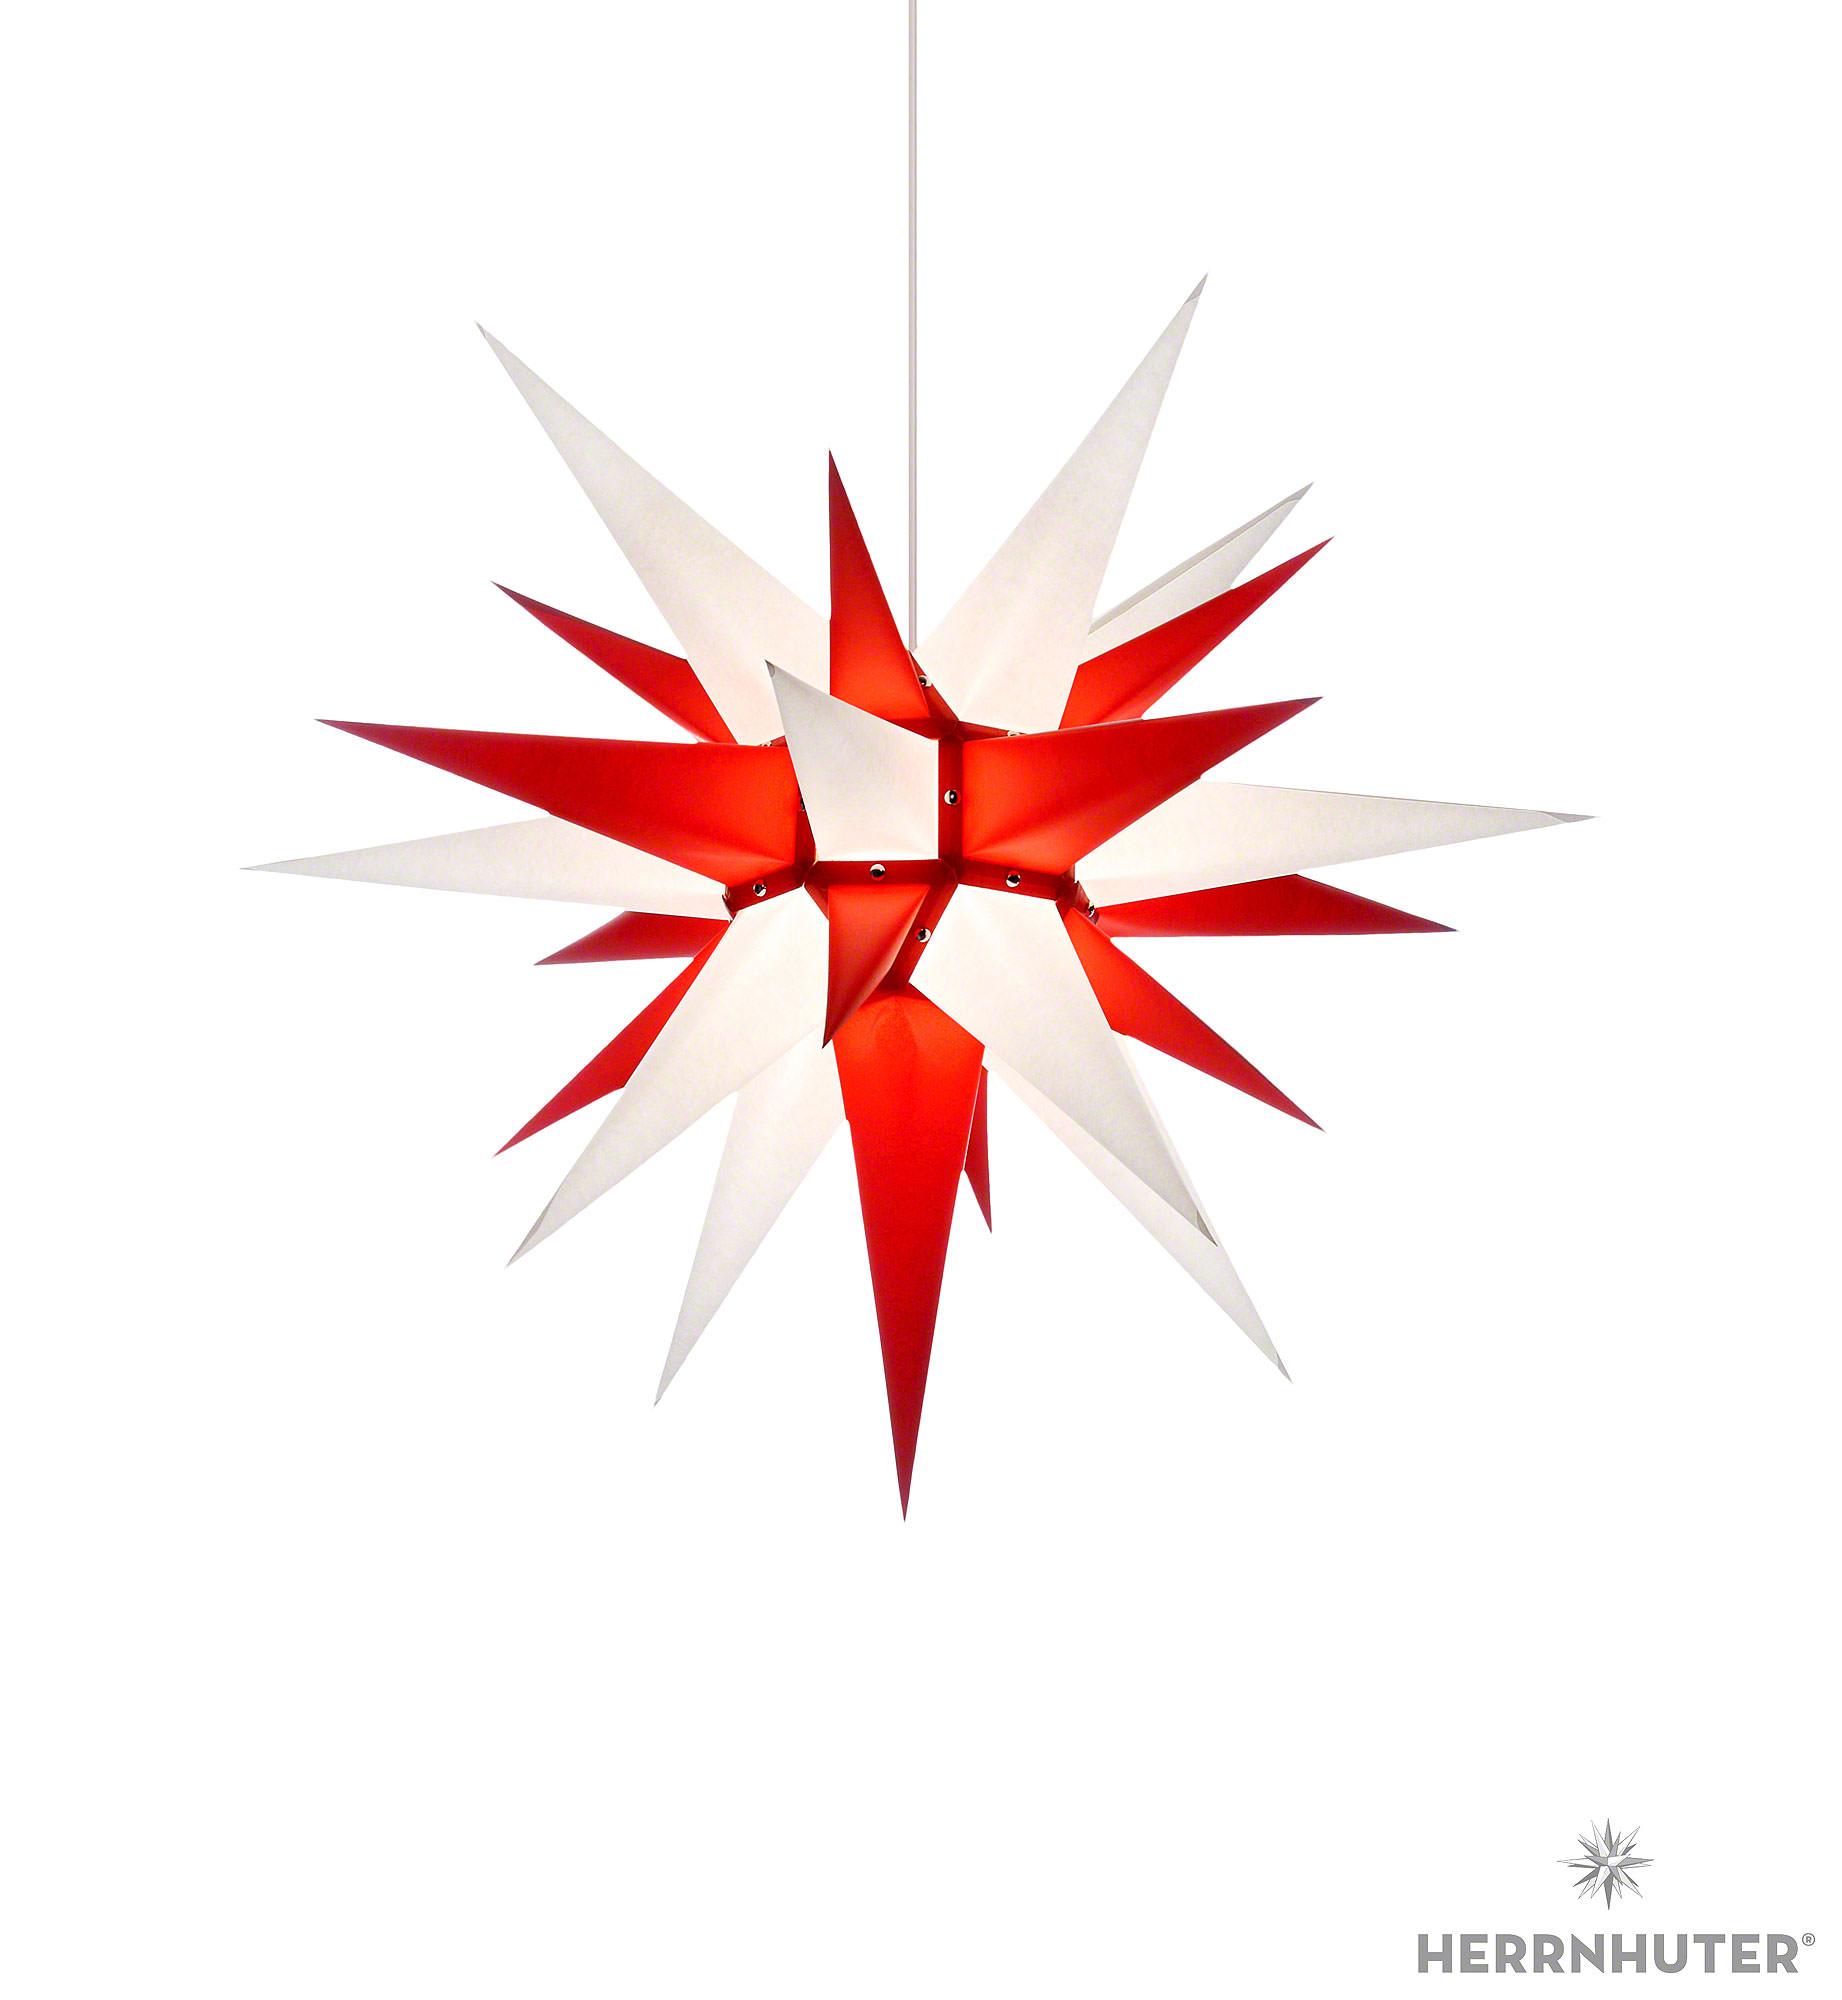 Herrnhuter Kaufen herrnhuter i6 weiß rot papier 60 cm herrnhuter sterne